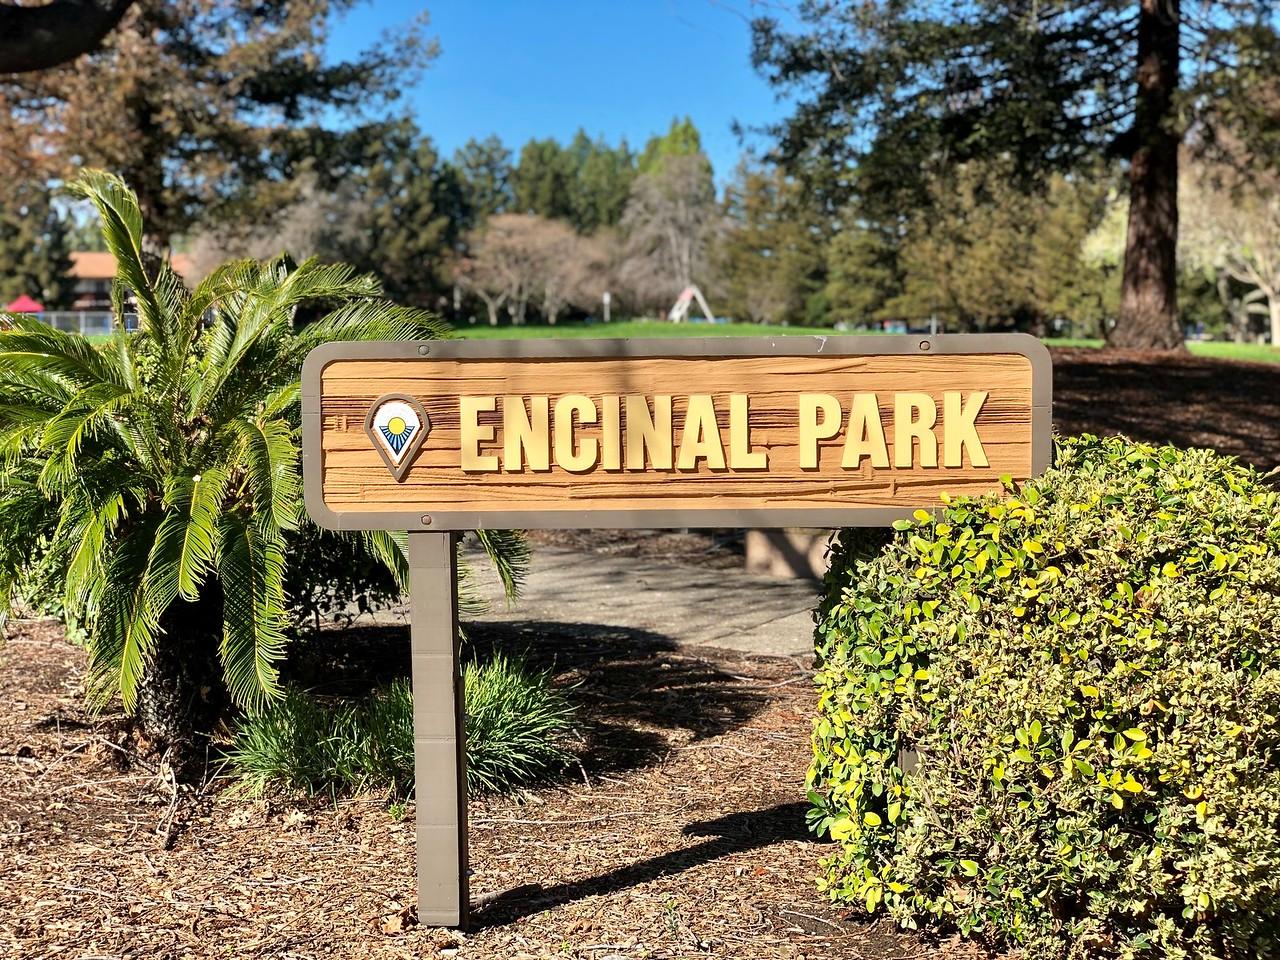 Encinal Park Sign Sunnyvale Blu Skye Medi-X2.jpg